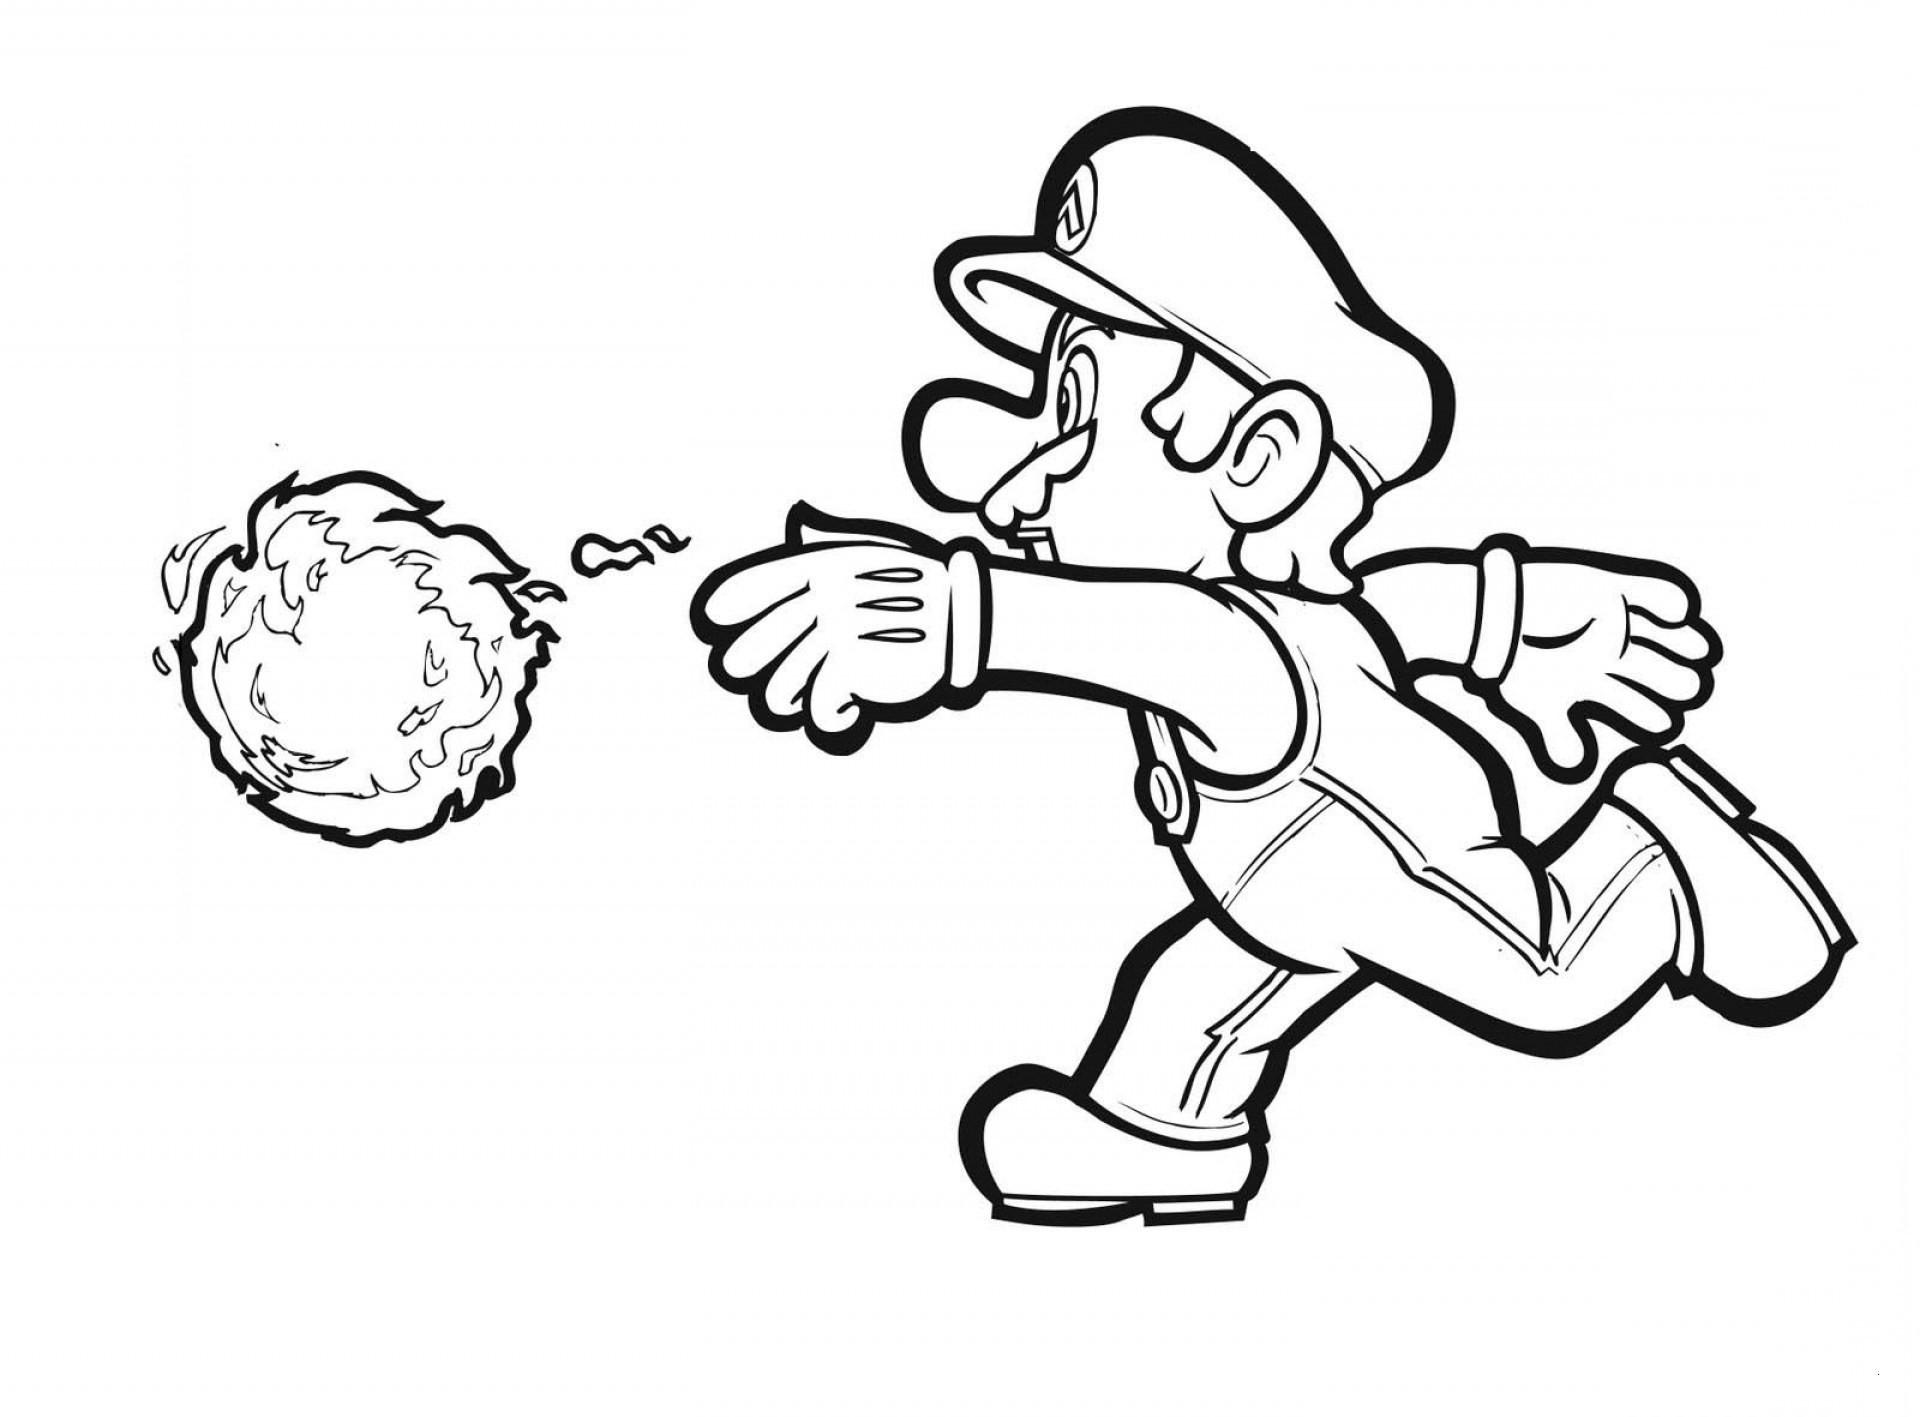 Ausmalbilder Mario Kart Genial 29 Einzigartig Ausmalbilder Mario – Malvorlagen Ideen Sammlung